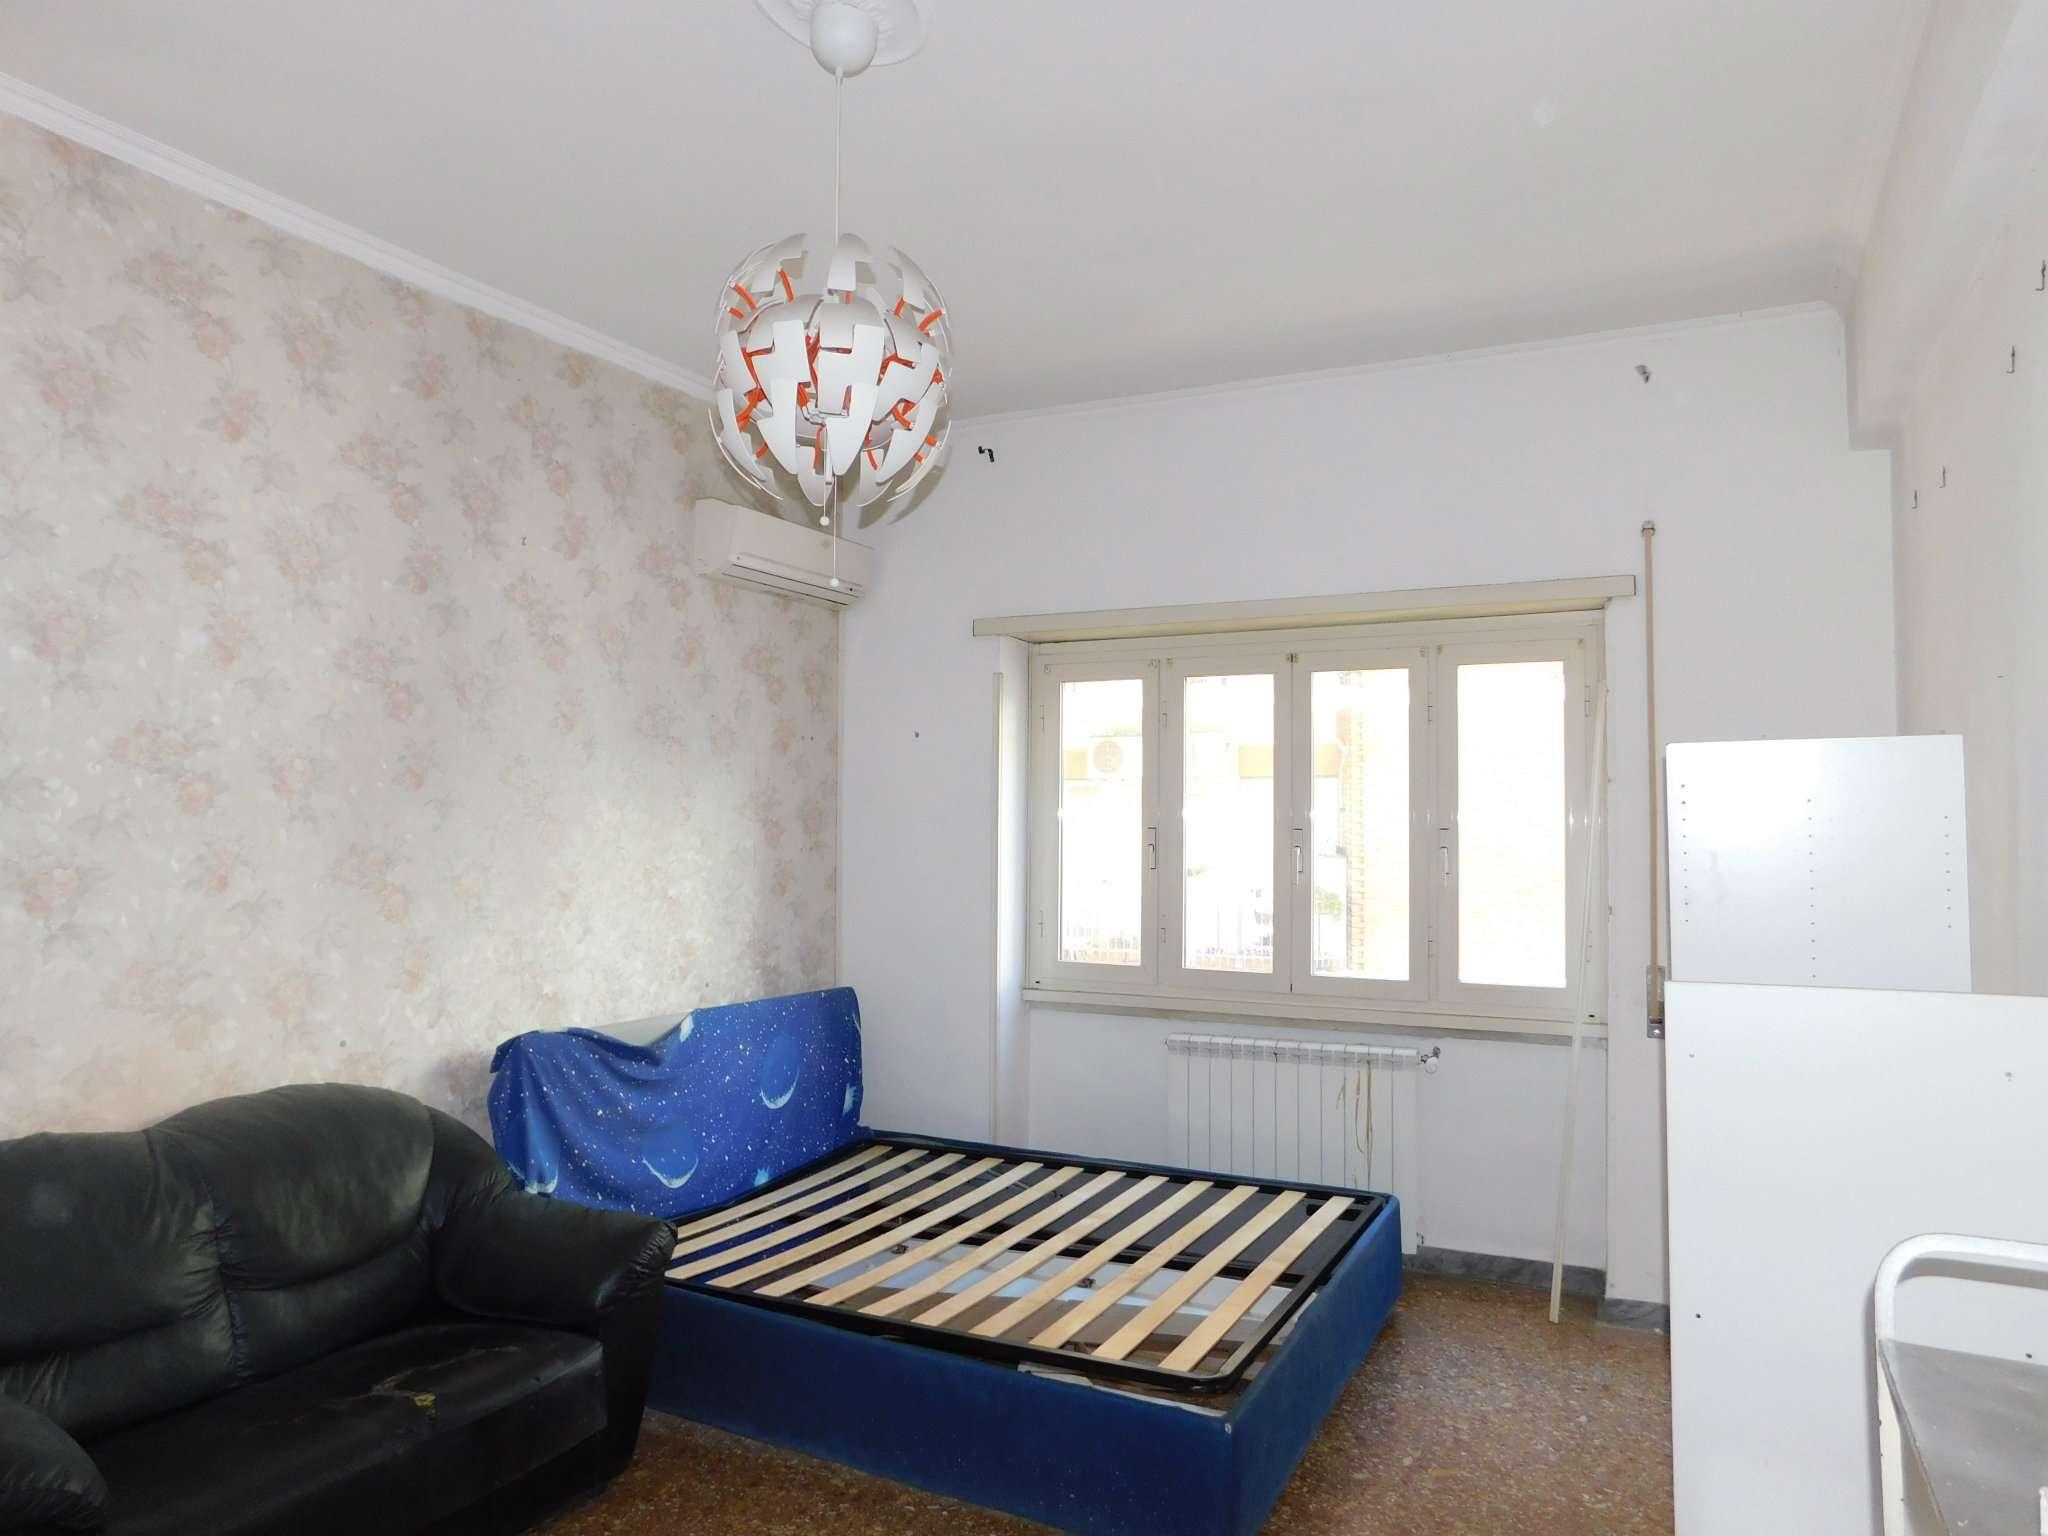 Appartamento in vendita a Roma, 1 locali, zona Zona: 11 . Centocelle, Alessandrino, Collatino, Prenestina, Villa Giordani, prezzo € 129.000 | CambioCasa.it